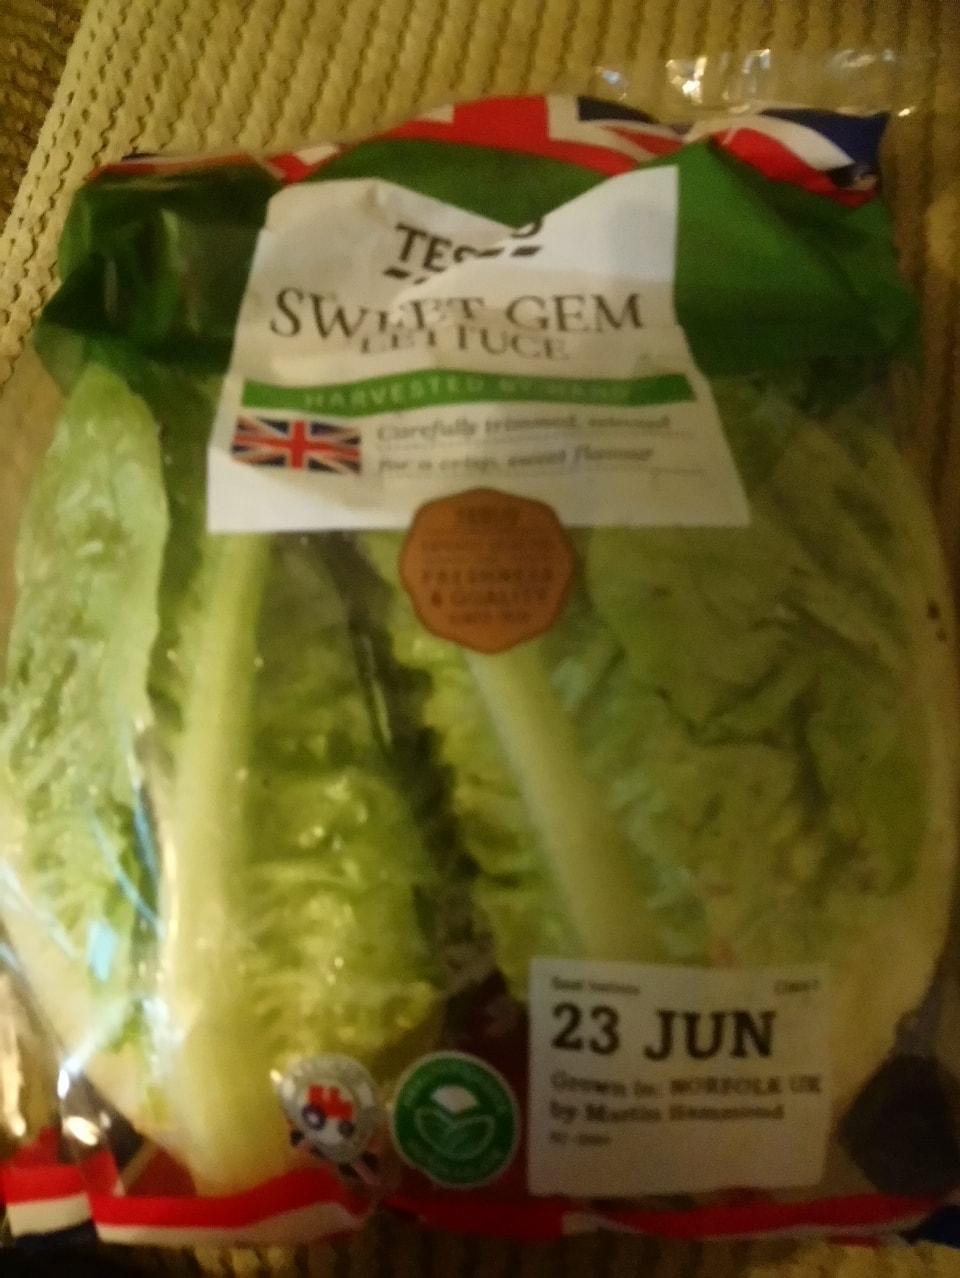 Sweet gem lettuce x2